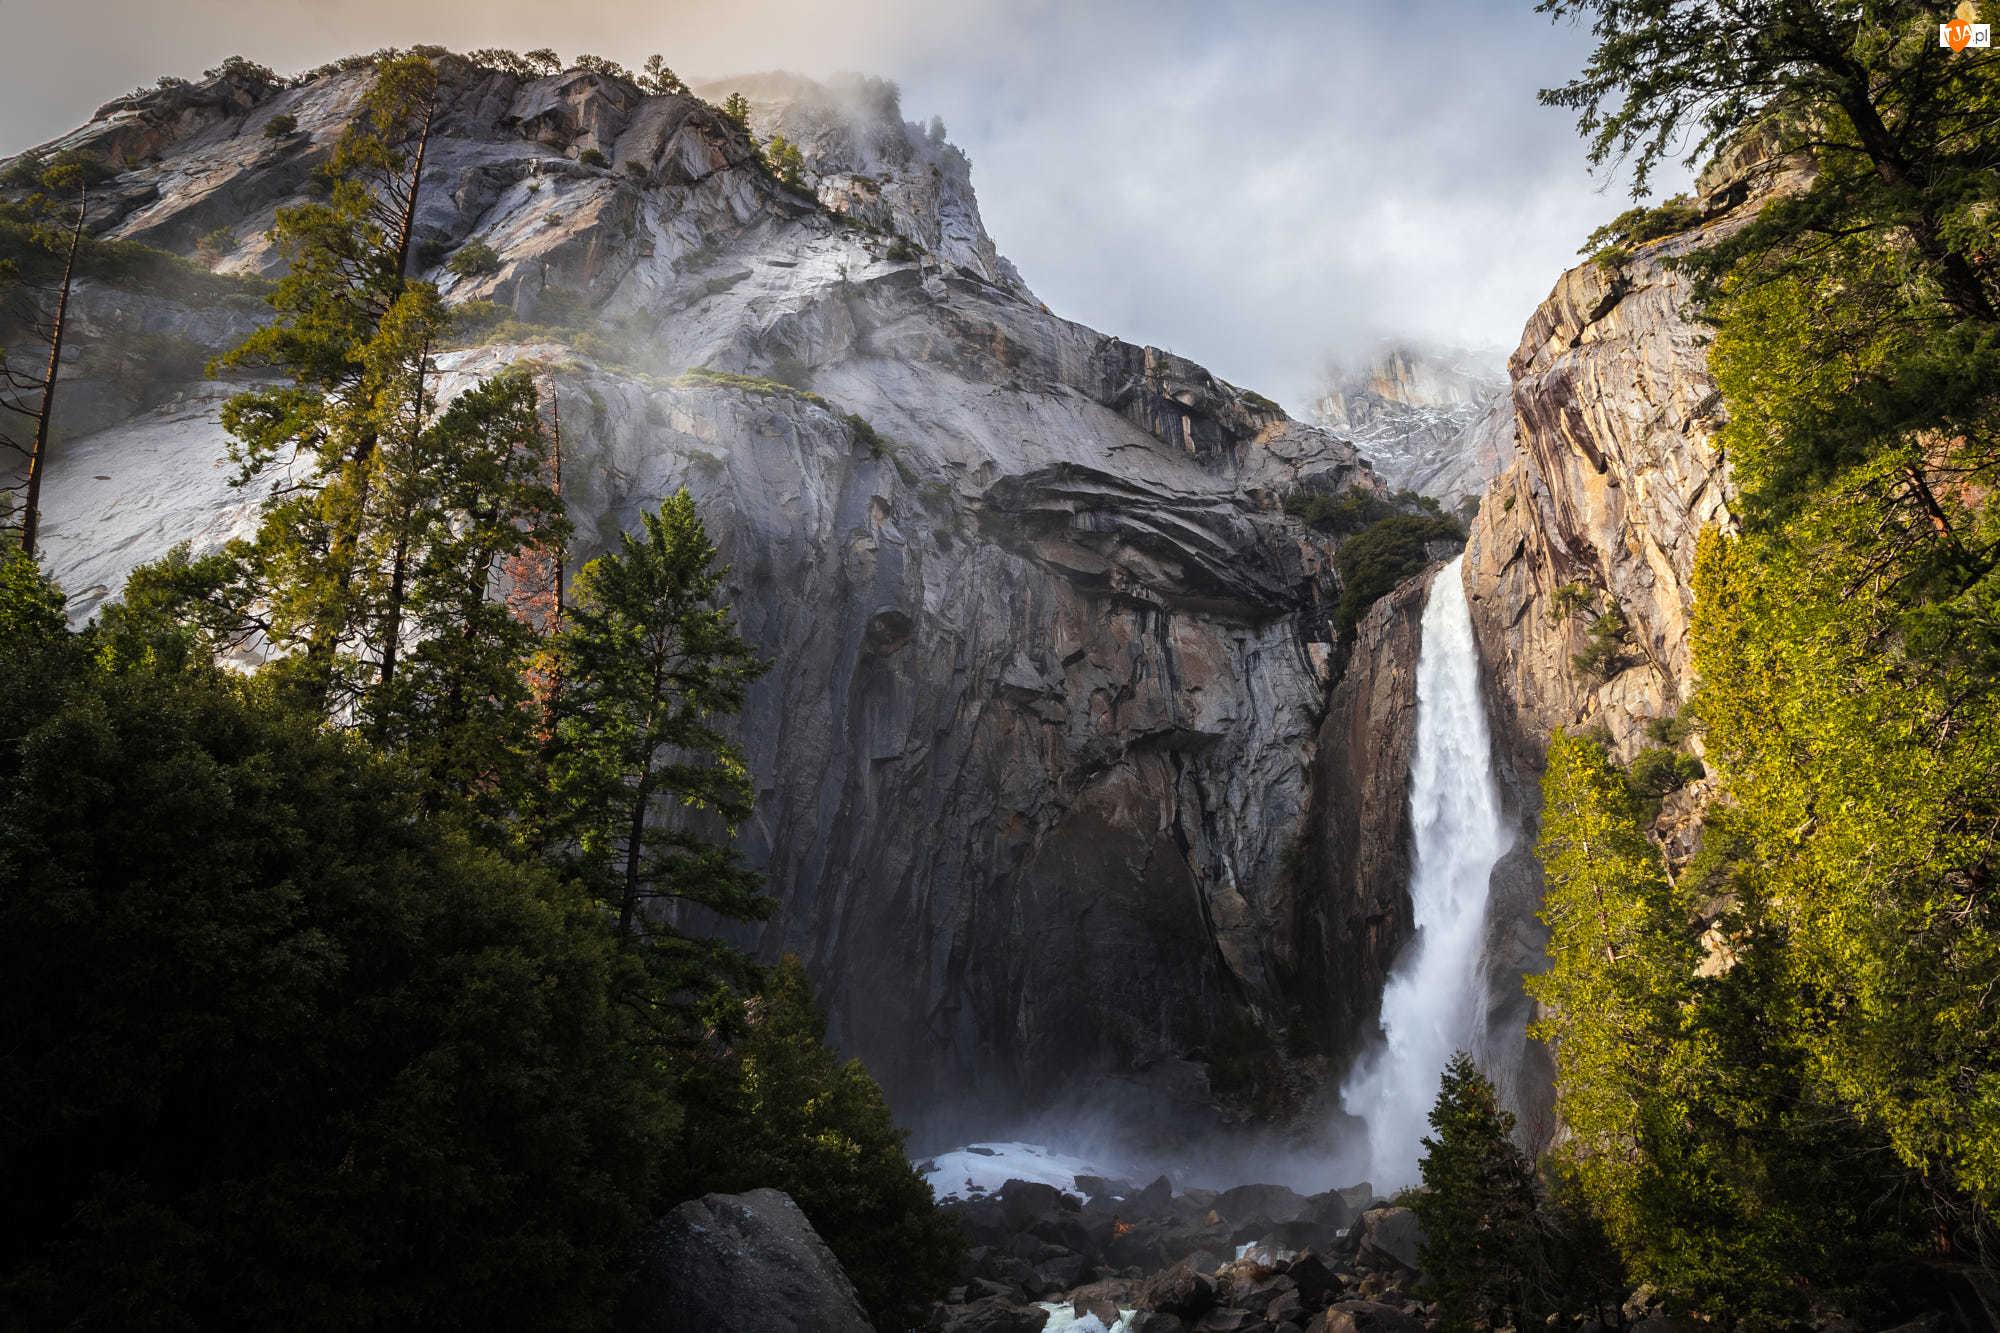 Góry, Stany Zjednoczone, Park Narodowy Yosemite, Stan Kalifornia, Wodospad Yosemite